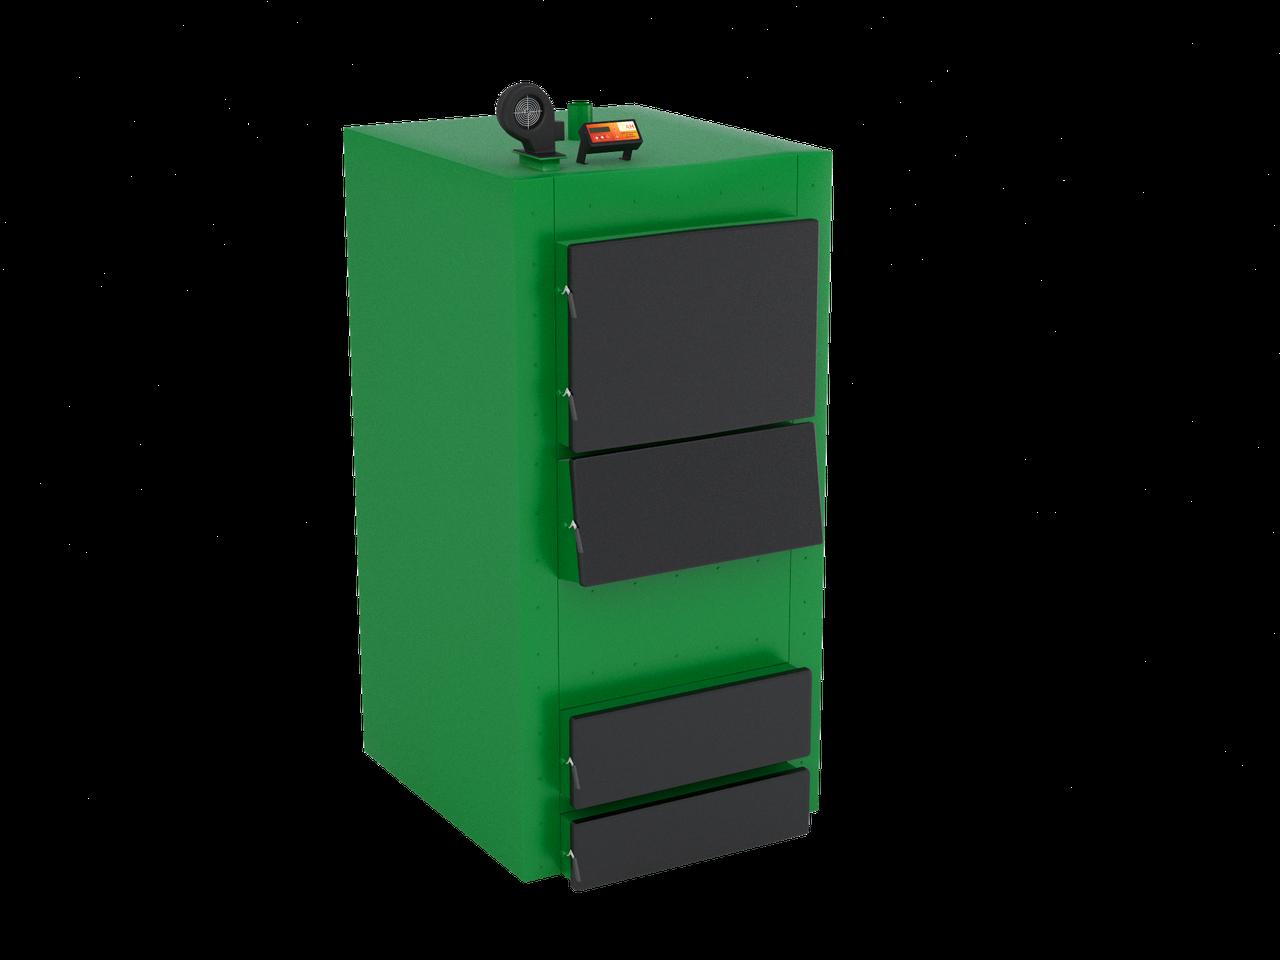 САН- ПТ (CAH-PT) промышленный  котел  на твердом топливе длительного горения мощностью 120 кВт